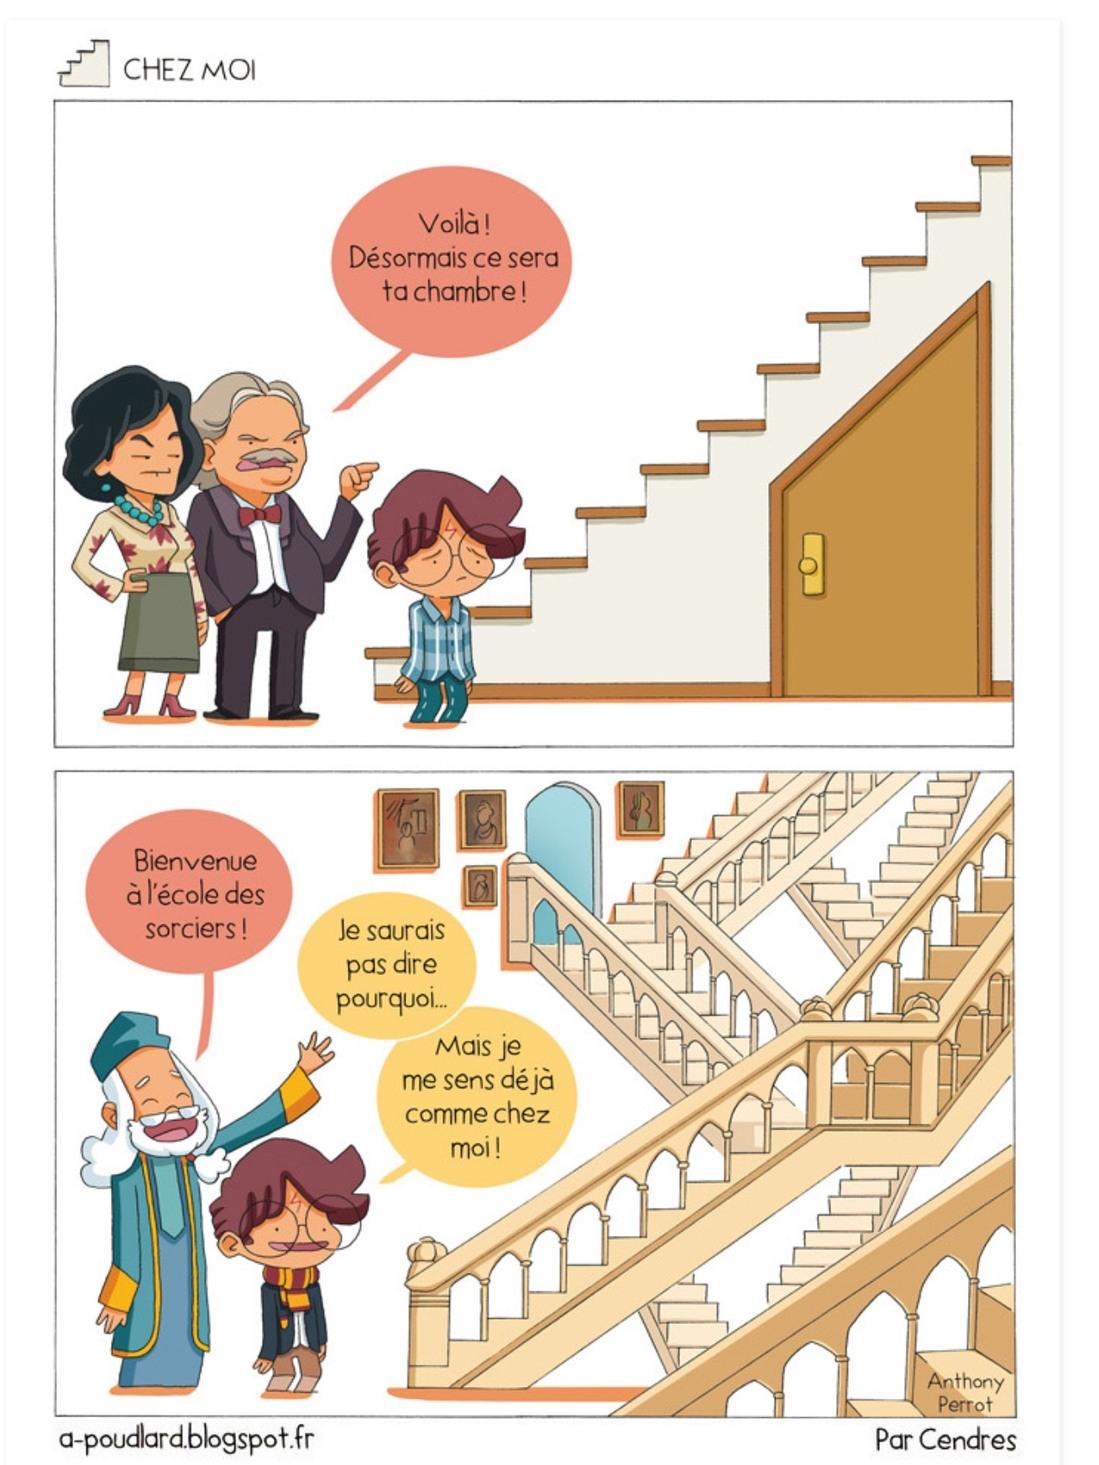 Harry, le clodo sous l'escalier - meme